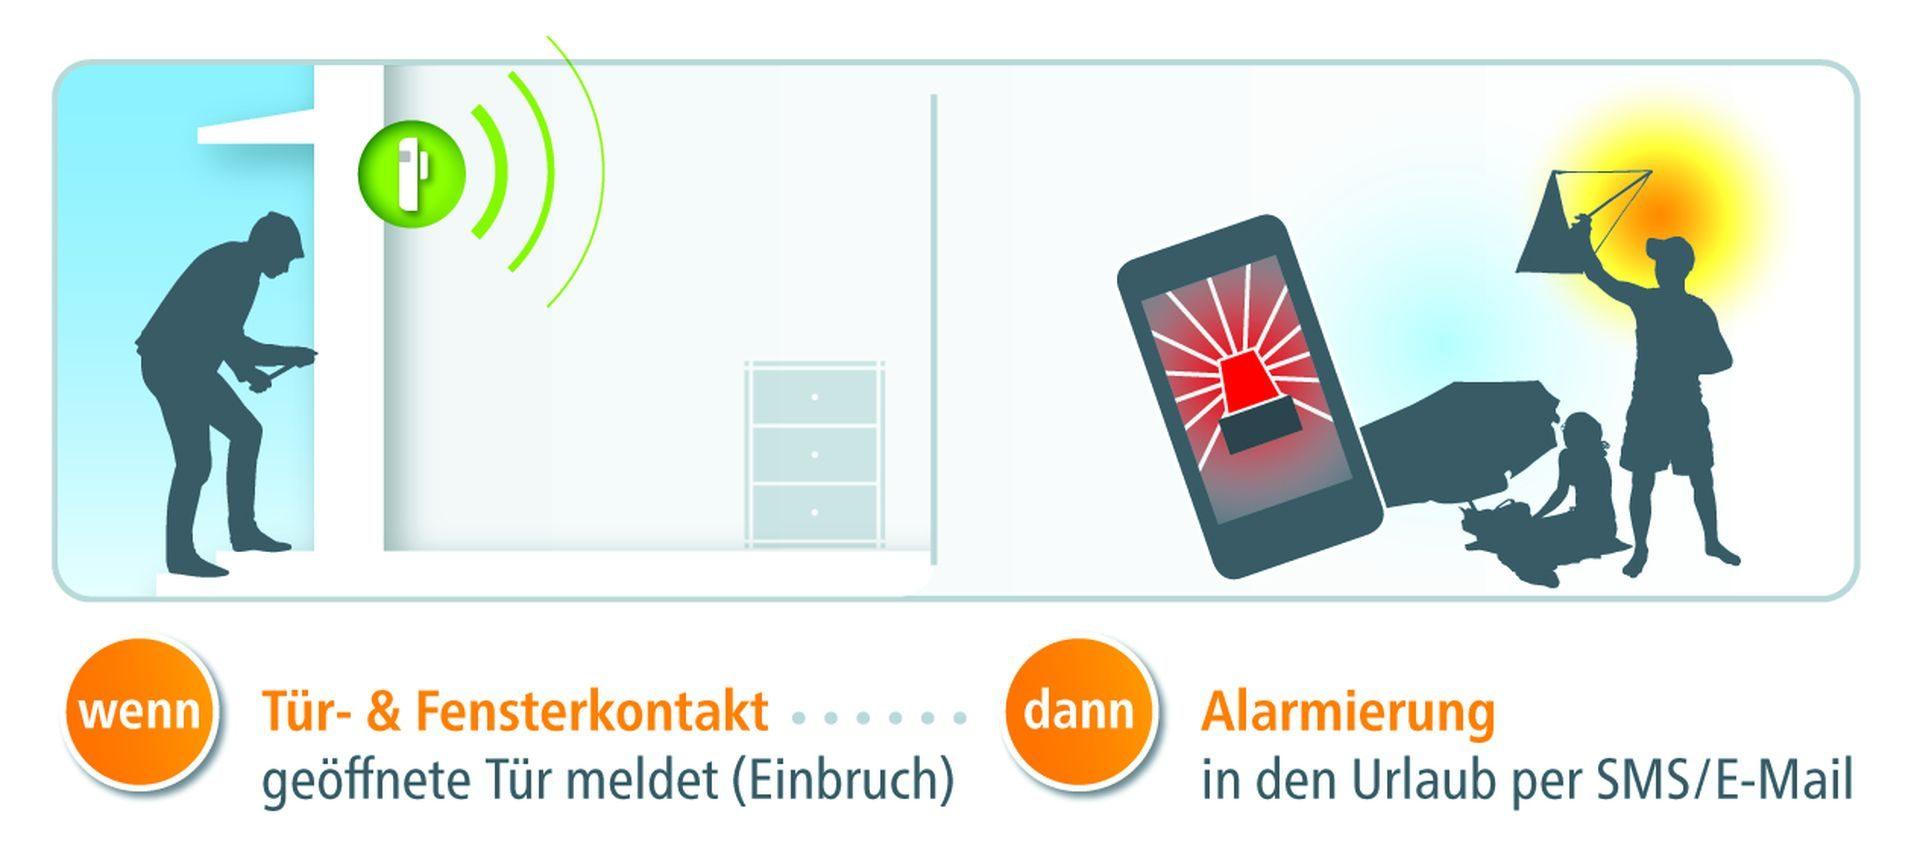 devolo-Home-Control-DoorWindow-Contact-scenario_1